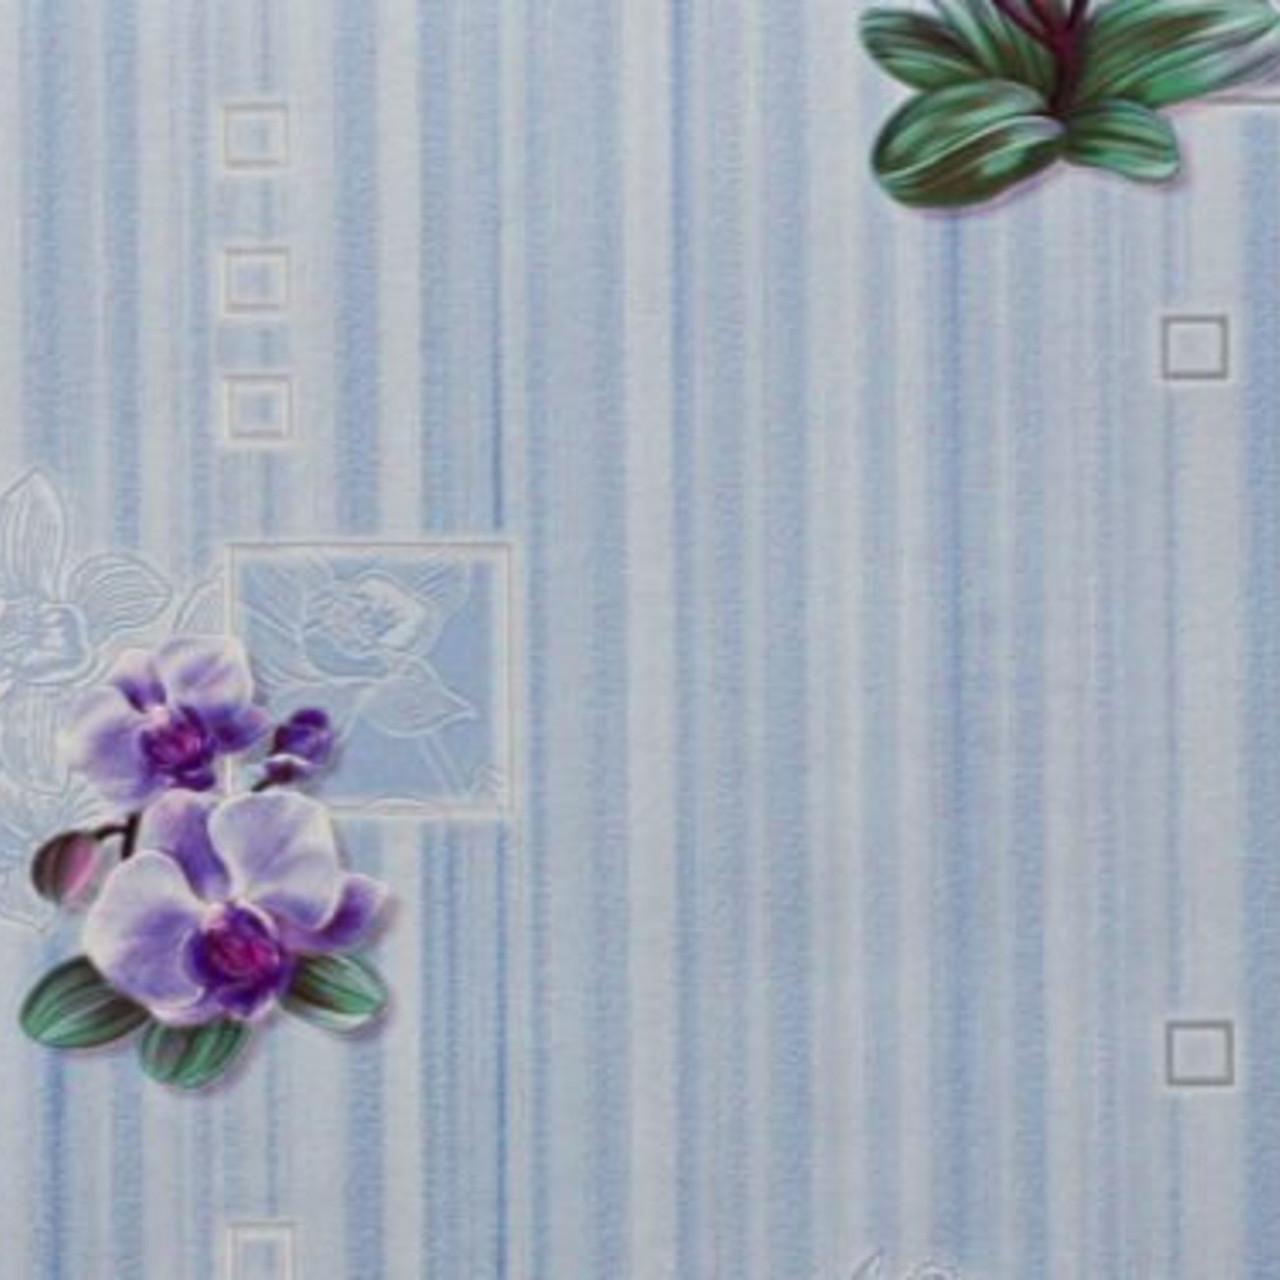 Обои, на стену, цветы, голубой, виниловые, B49.4  палома 867-03, орхидея, супер-мойка, 0,53*10м